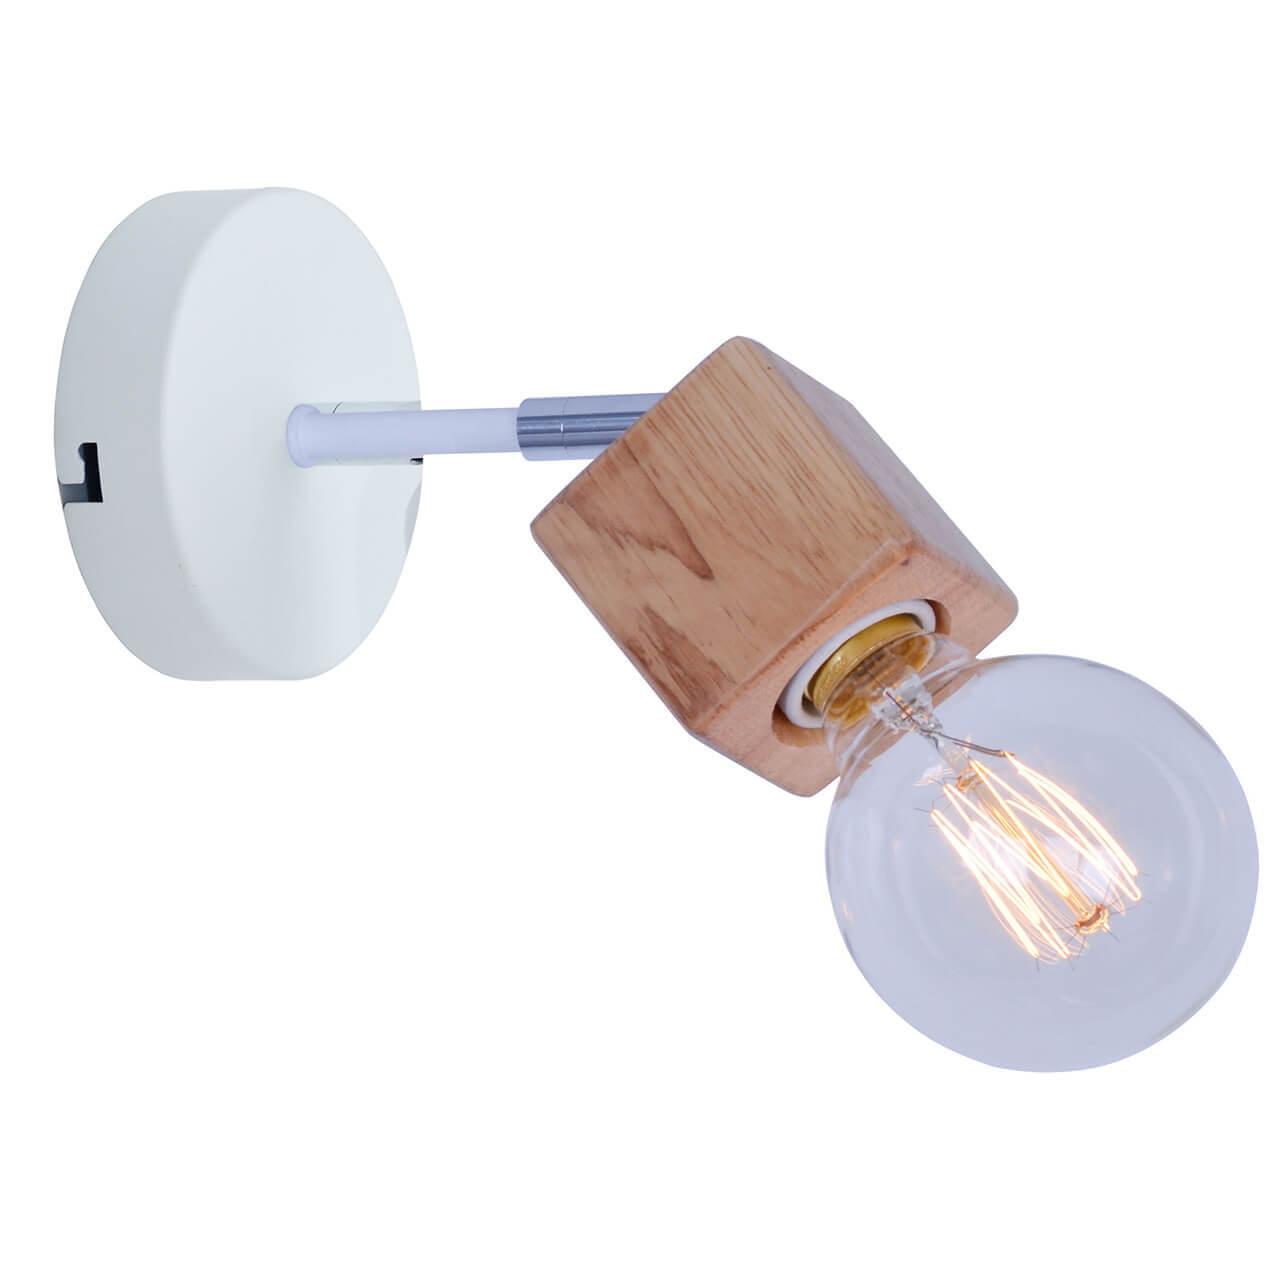 Бра Toplight Alisha TL1197B-01WH настенный светильник toplight alisha tl1197b 01wh 60 вт